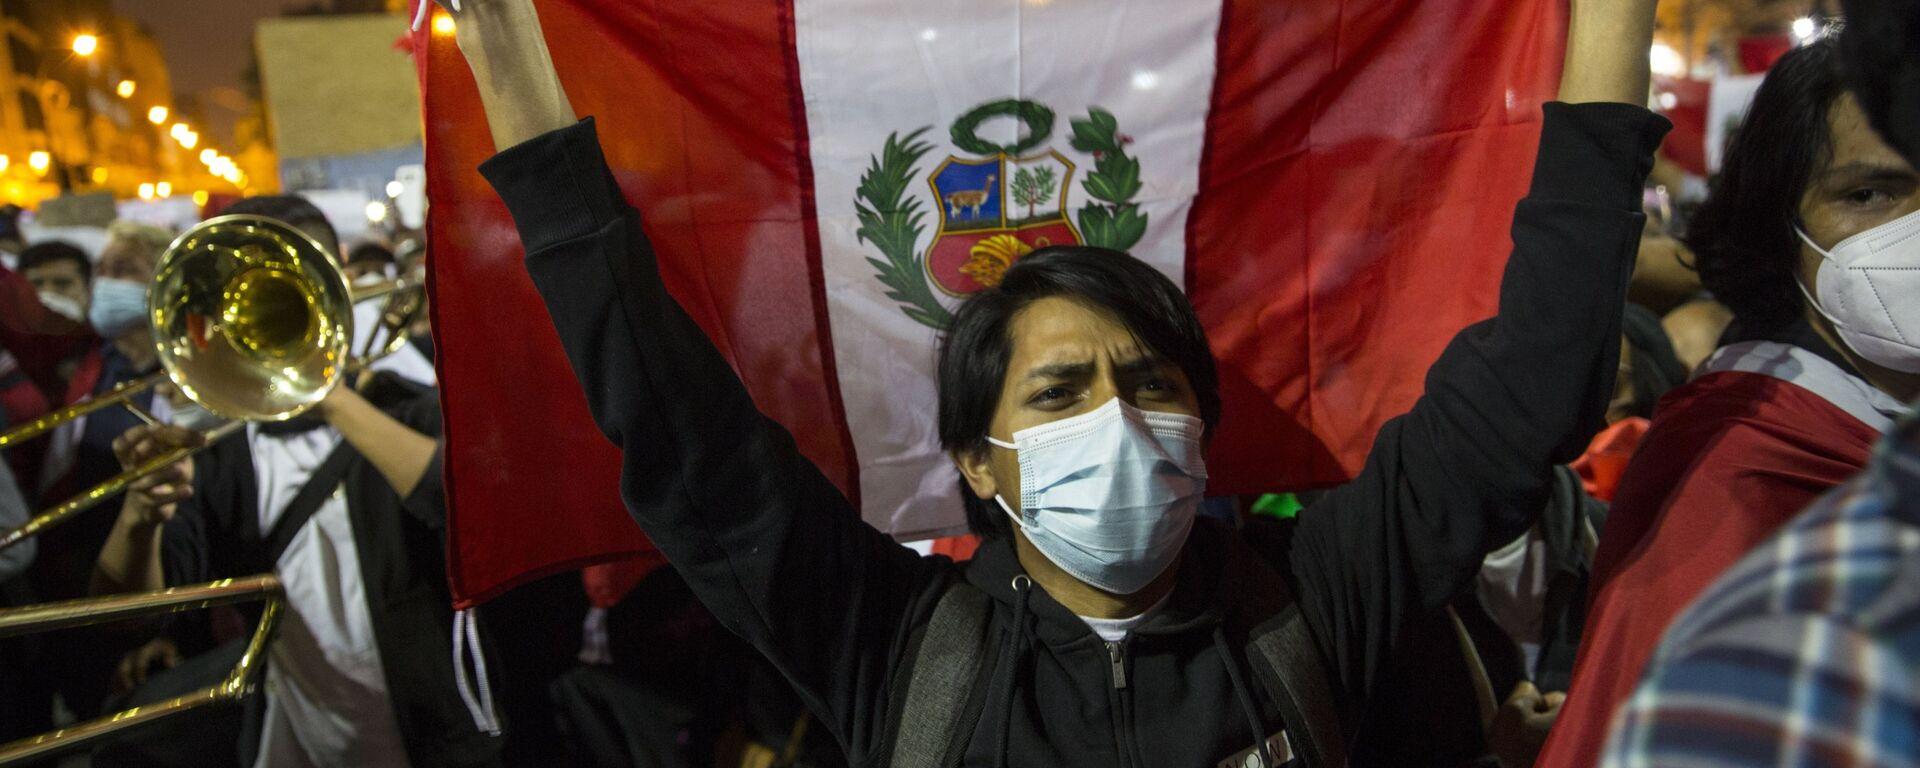 Un joven se moviliza en Perú durante la crisis política de noviembre de 2020 - Sputnik Mundo, 1920, 17.11.2020